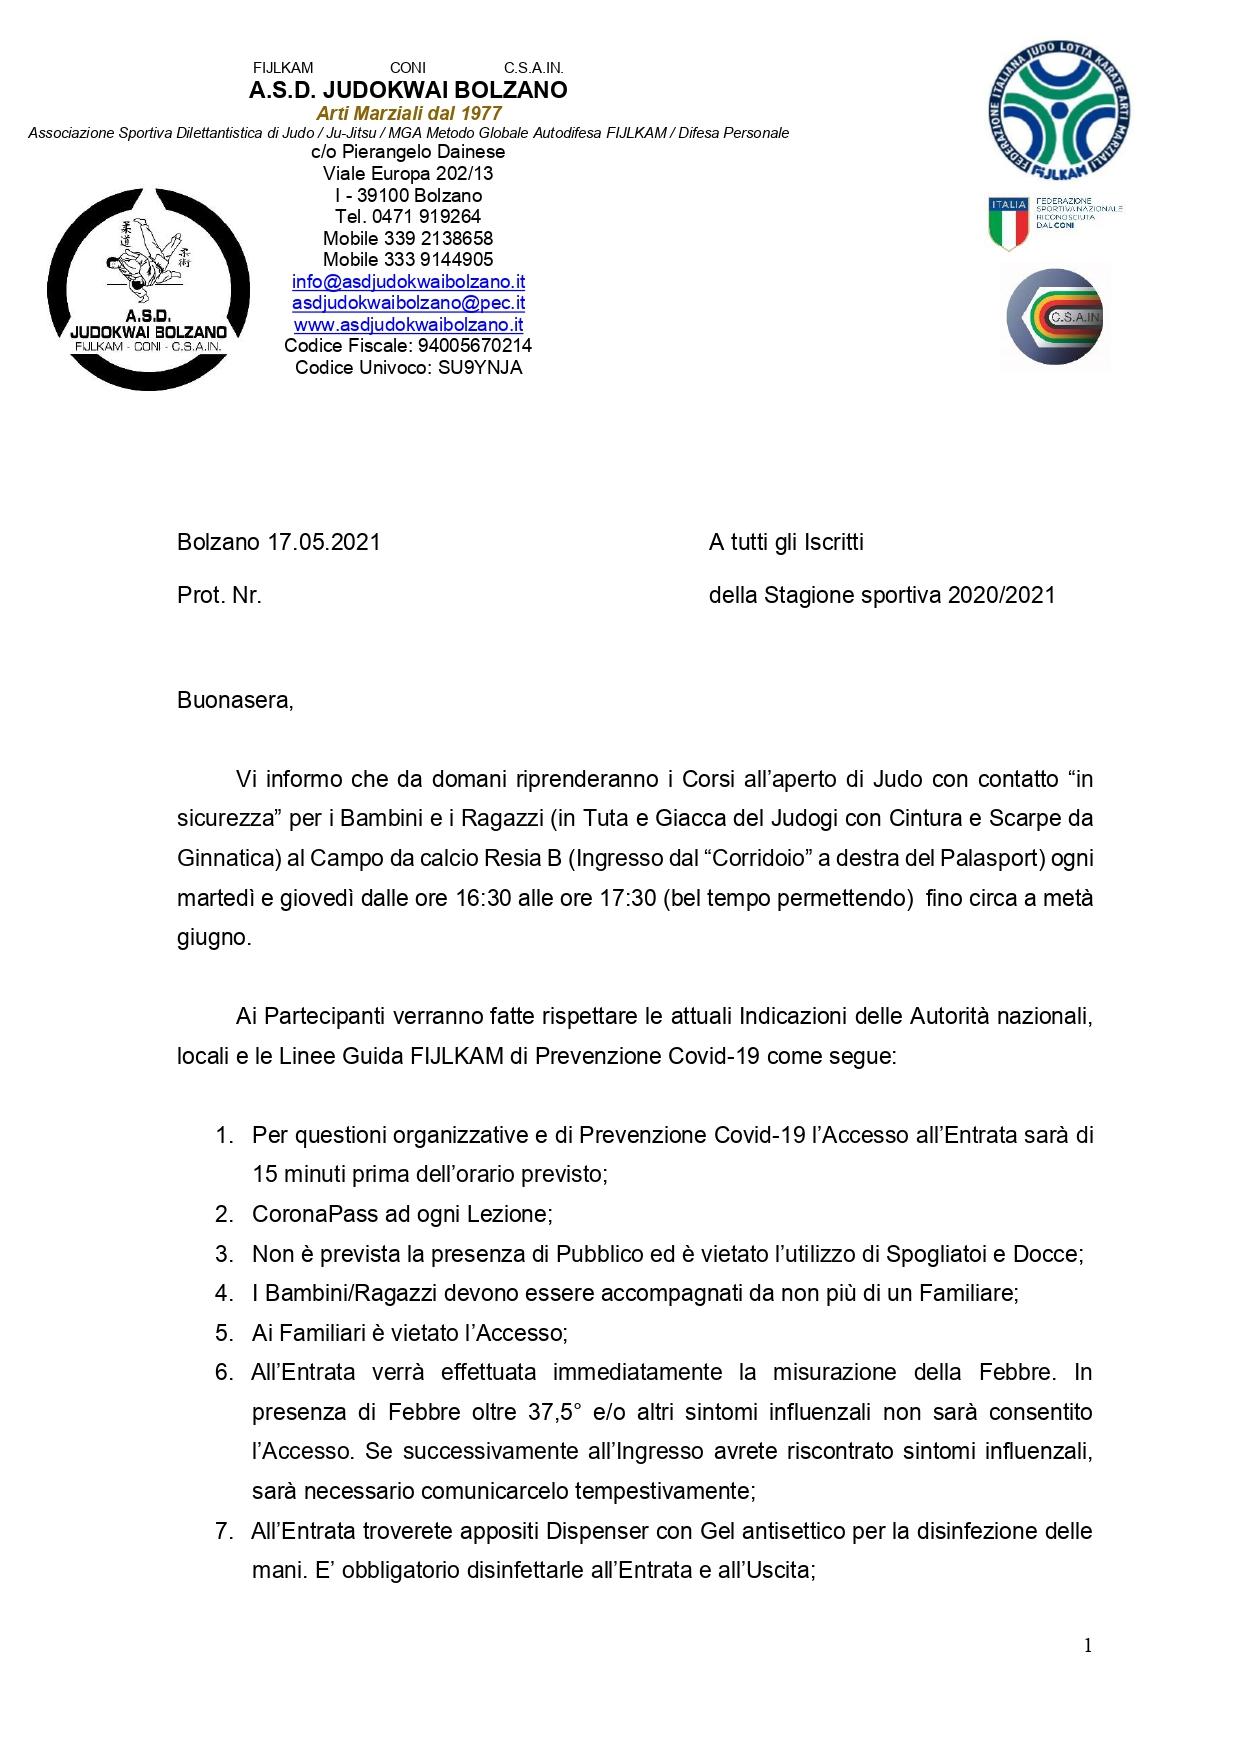 A.S.D. Judokwai Bolzano   Ripresa Corsi 44° Stagione sportiva 2020 2021 di Judo con contatto in sicurezza per Bambini e Ragzzi   Campo da calcio Resia B   dal 18.05.2021_page-0001